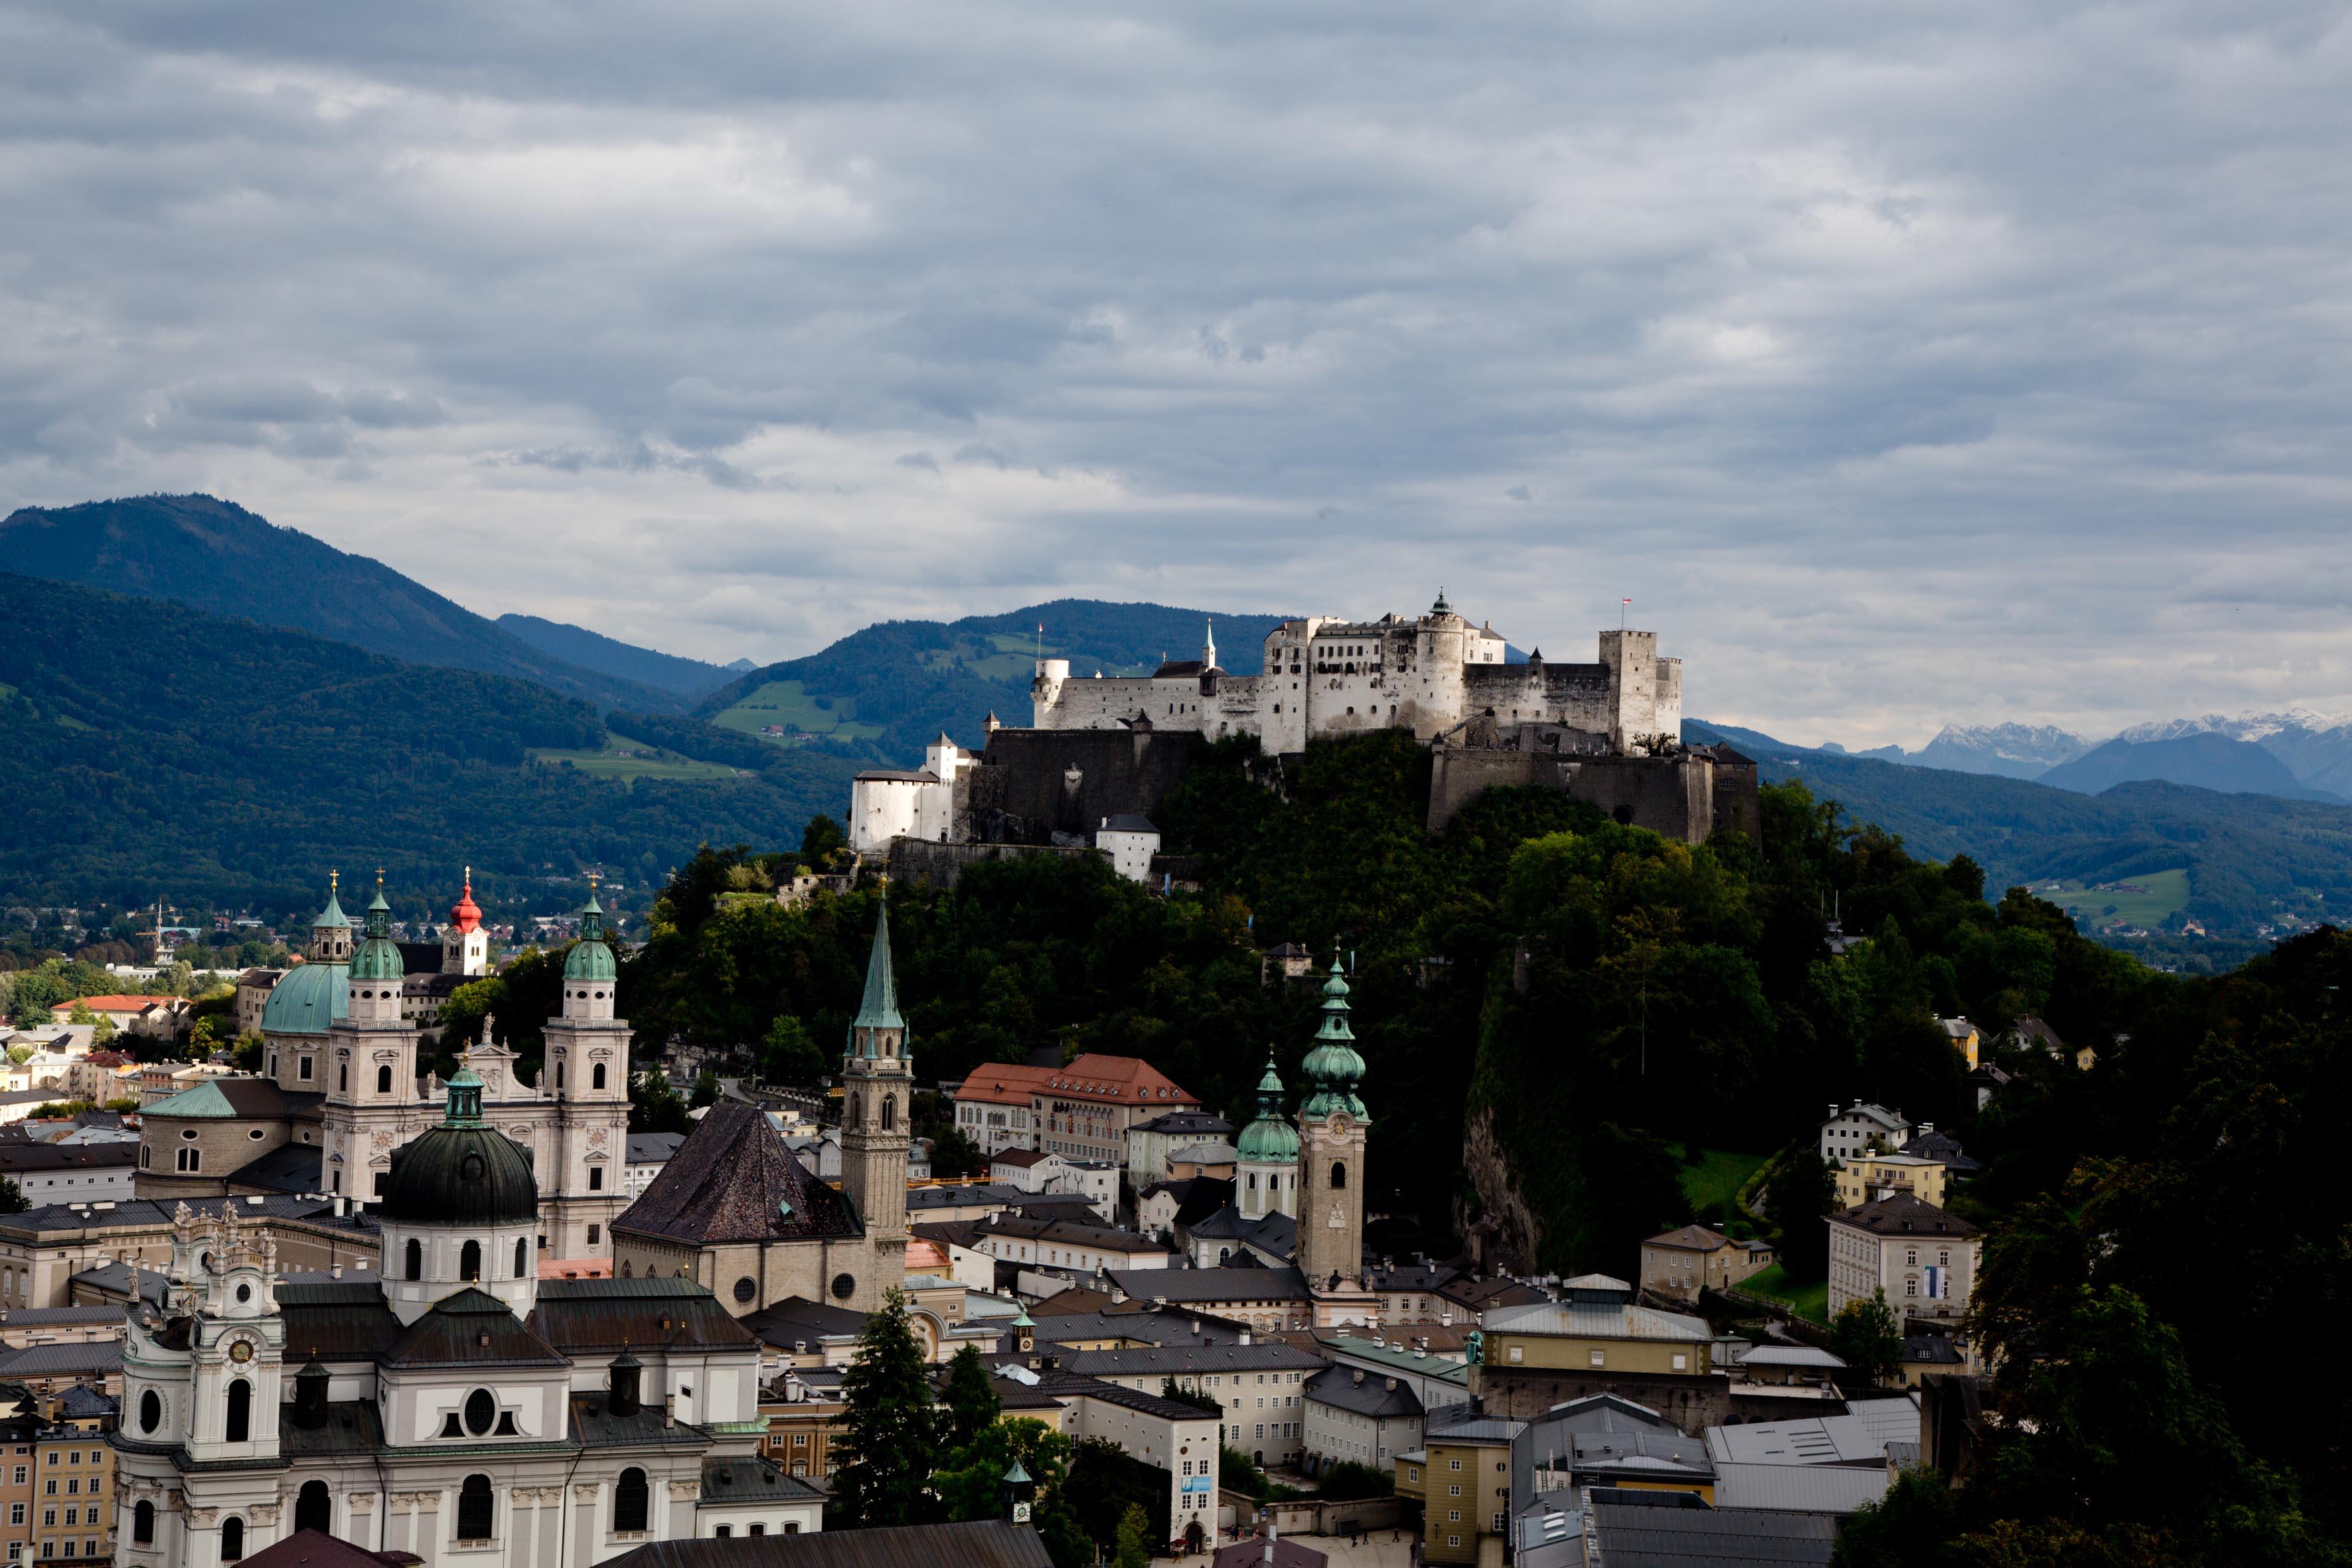 Die beste Fotosicht: Vom Mönchsberg aus